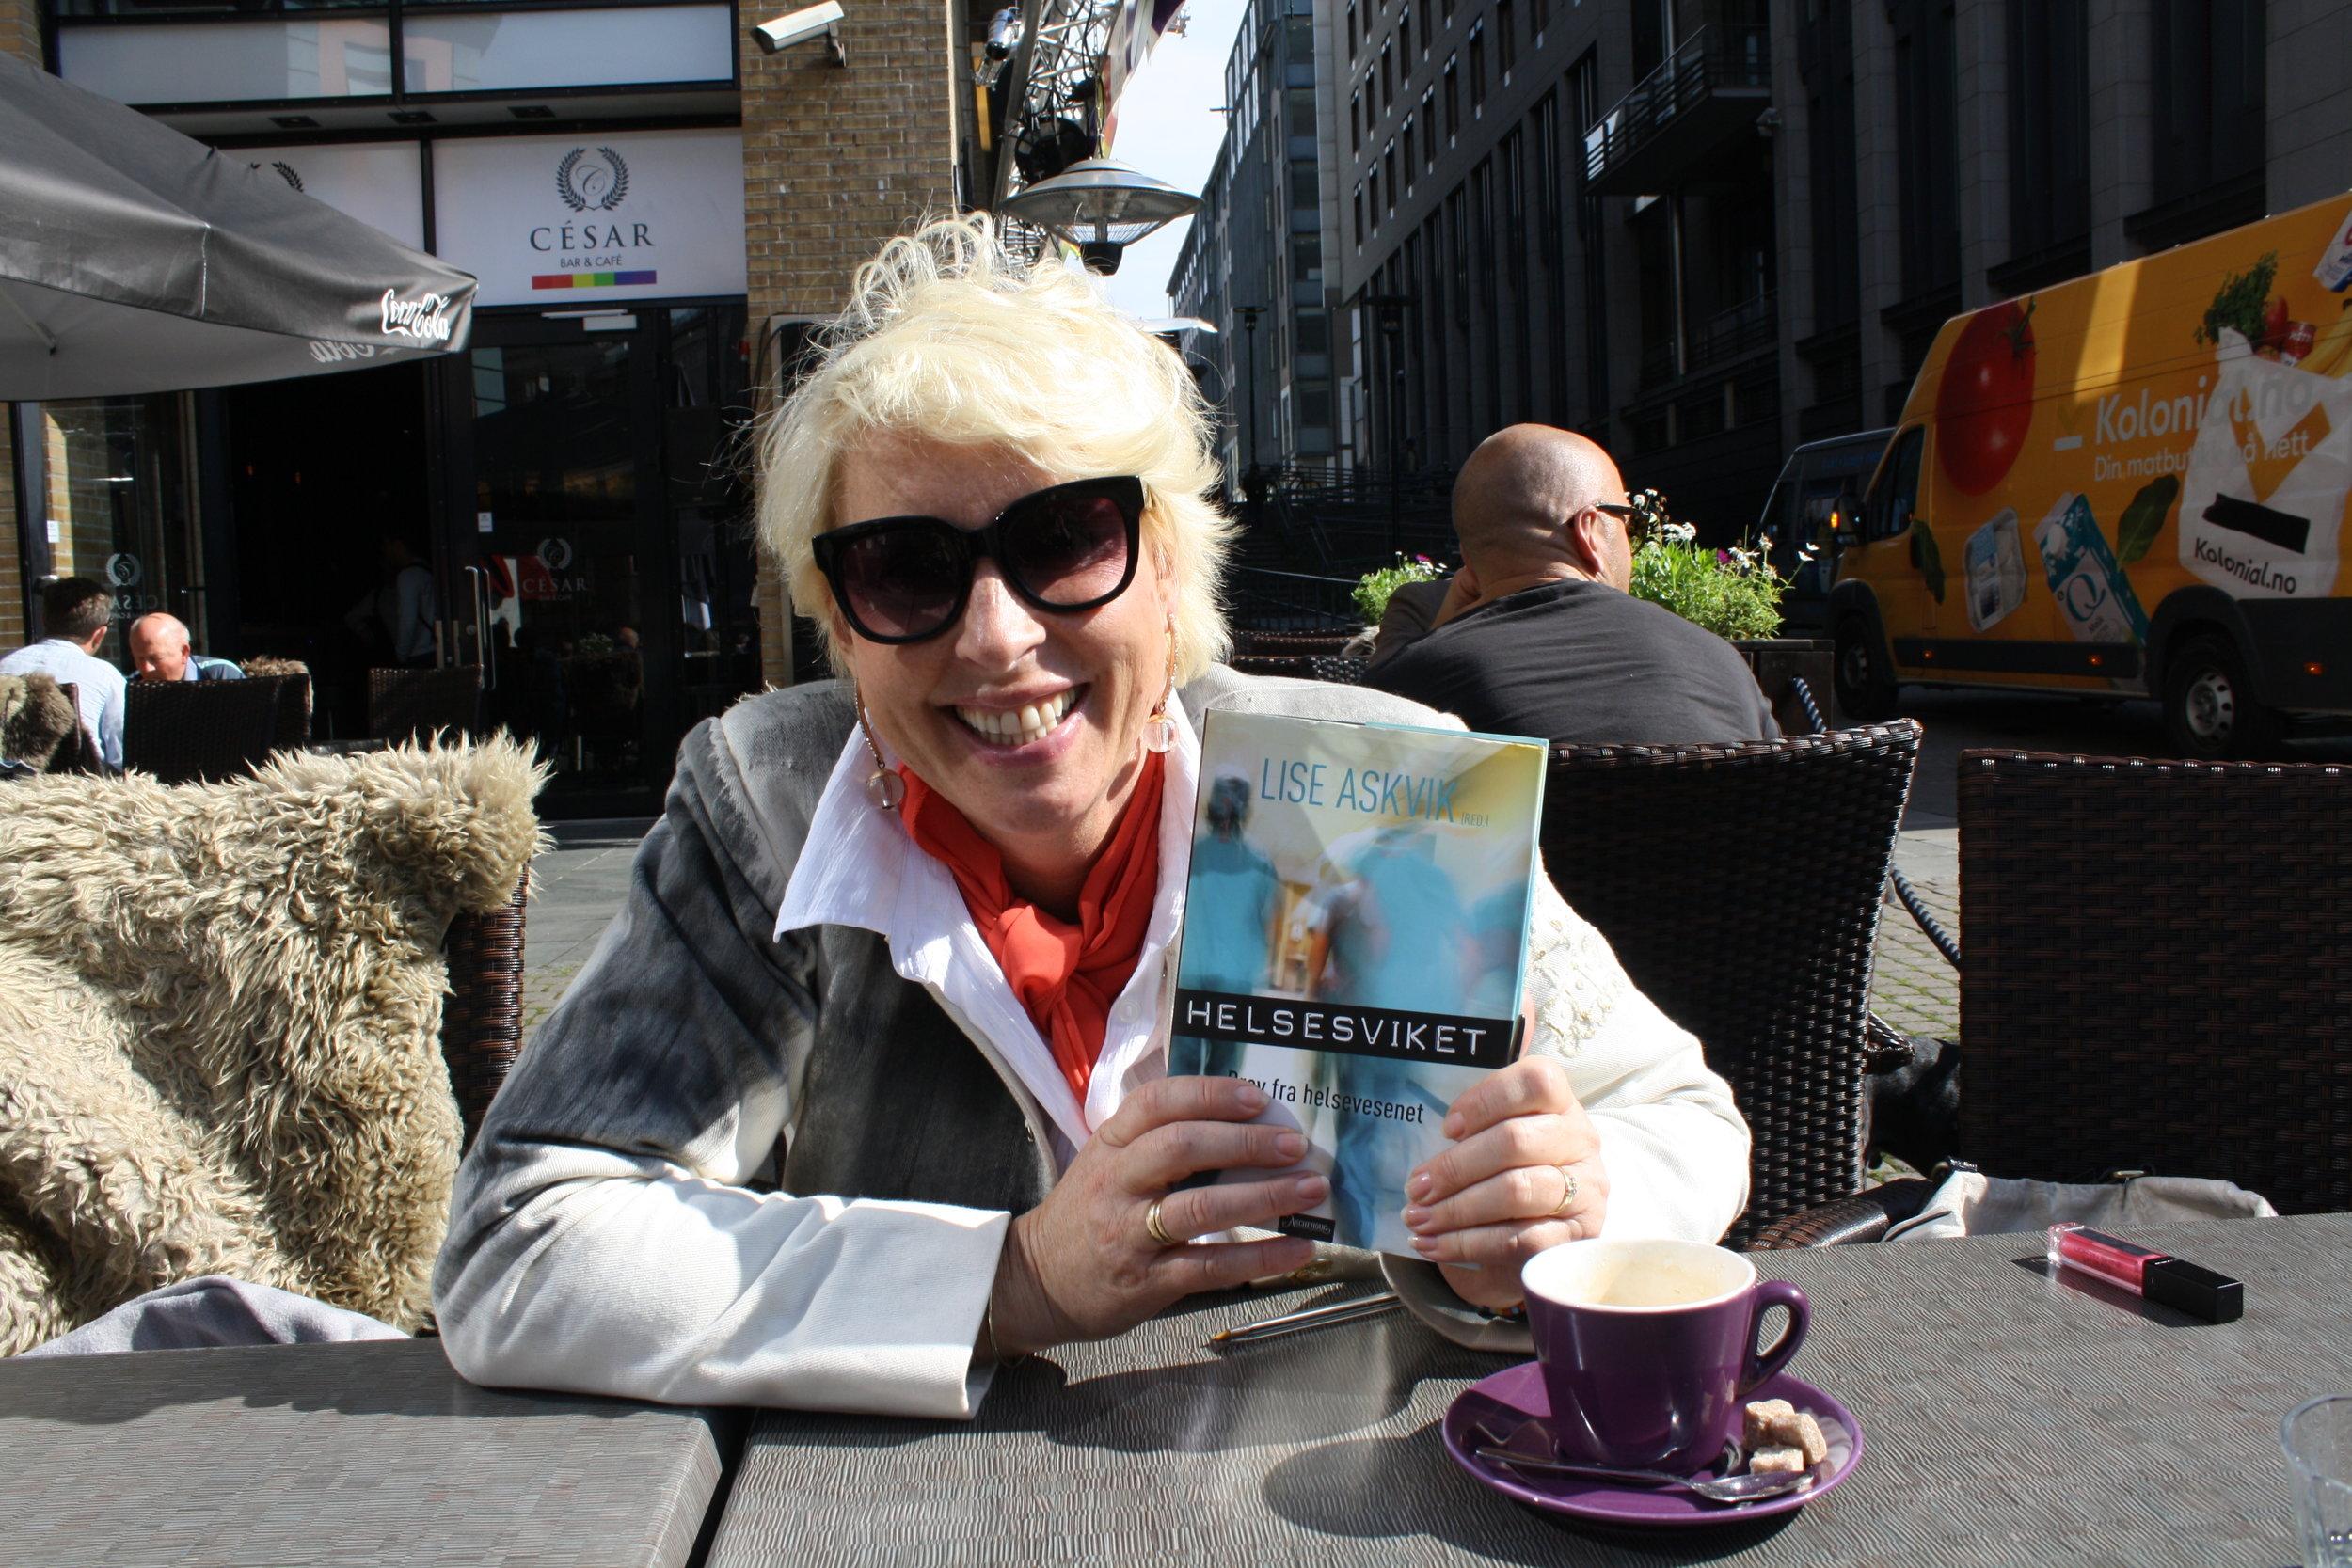 Lise Askvik holder opp boka helsesviket.jpg